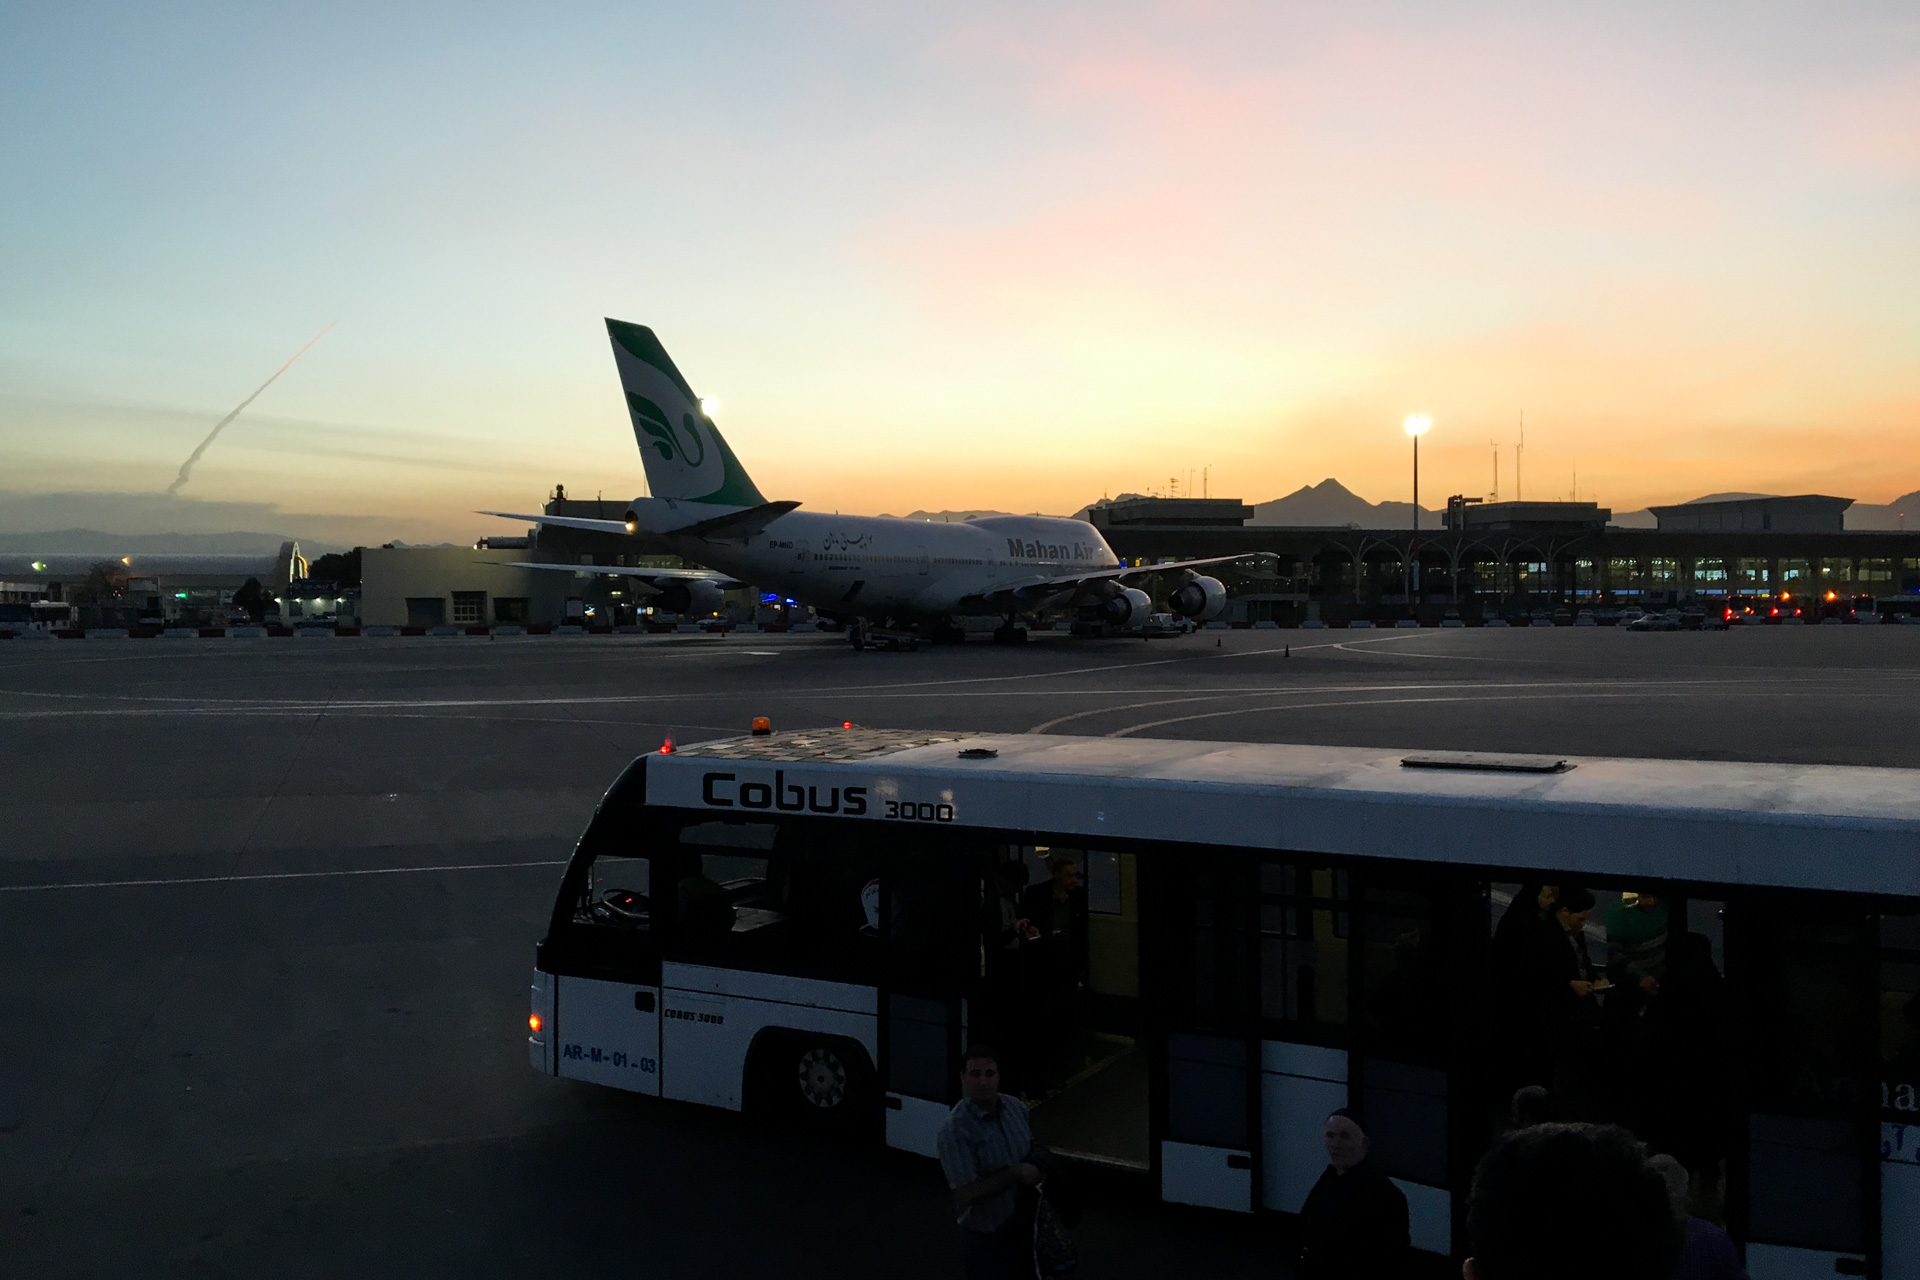 Mahan Air 747